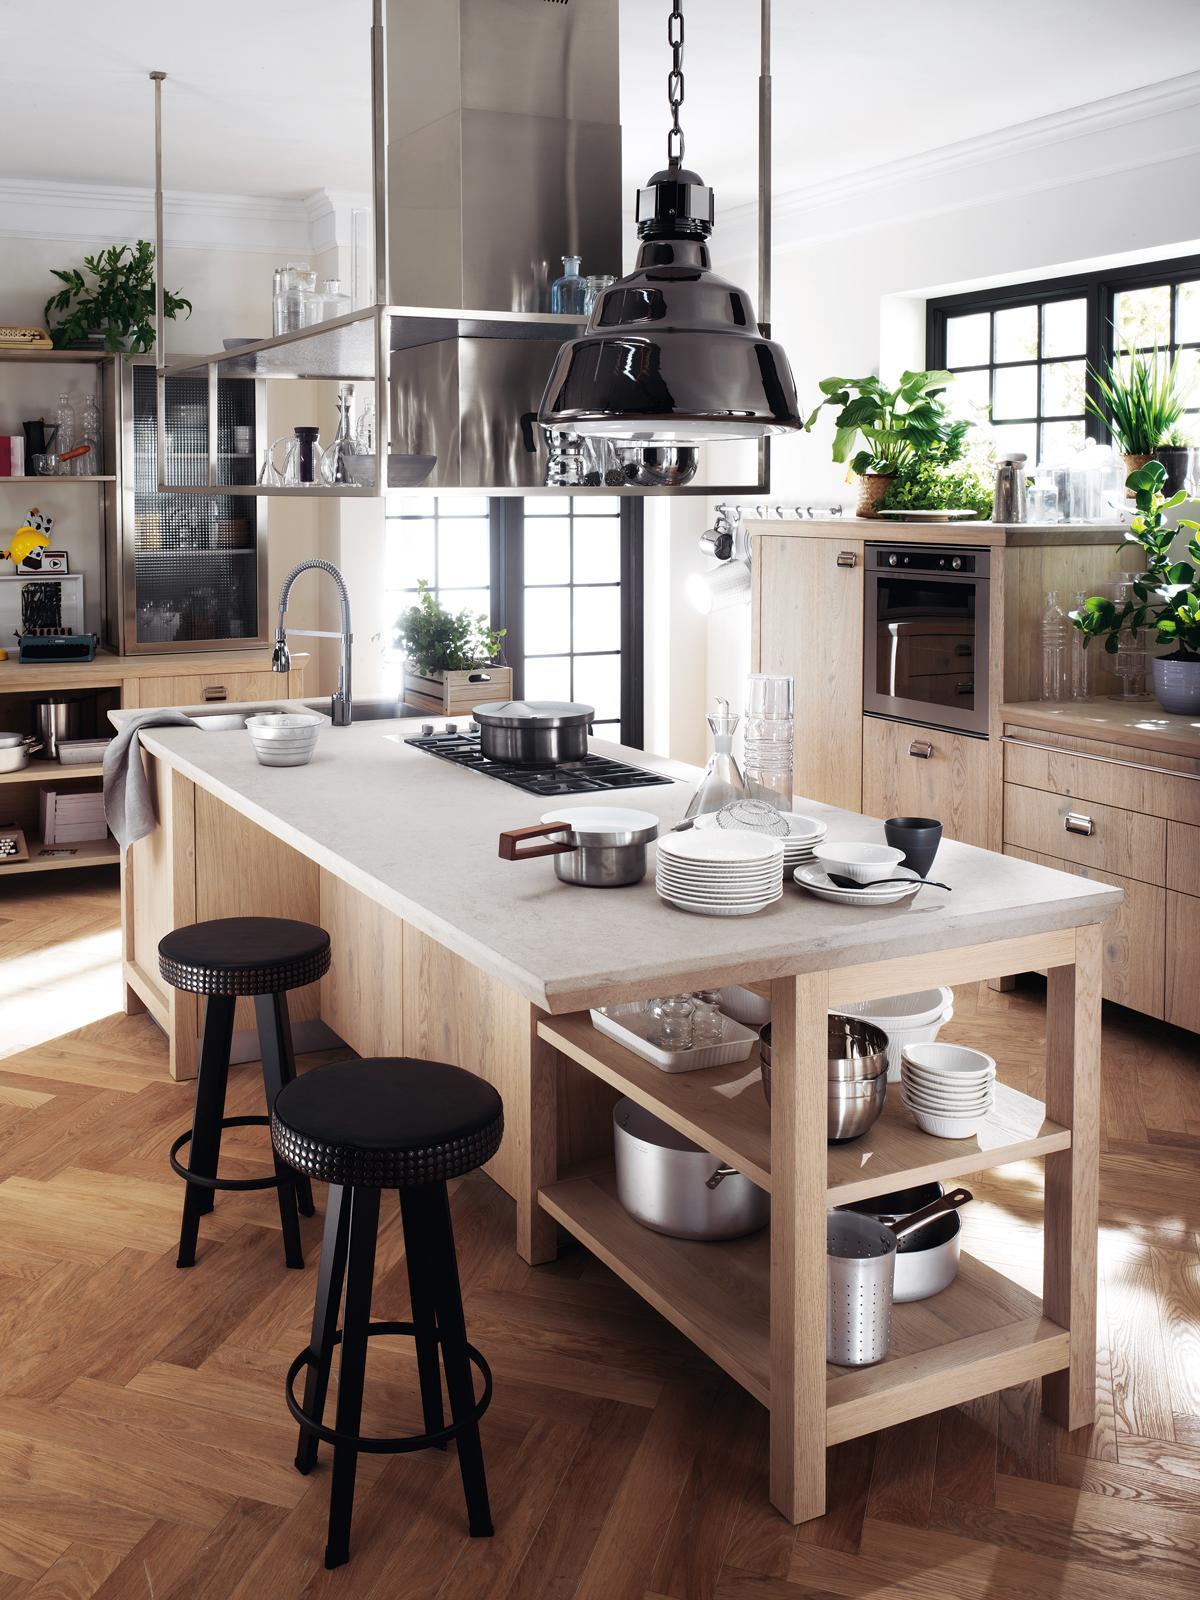 Per la cucina un piano di lavoro resistente e facile da pulire ...